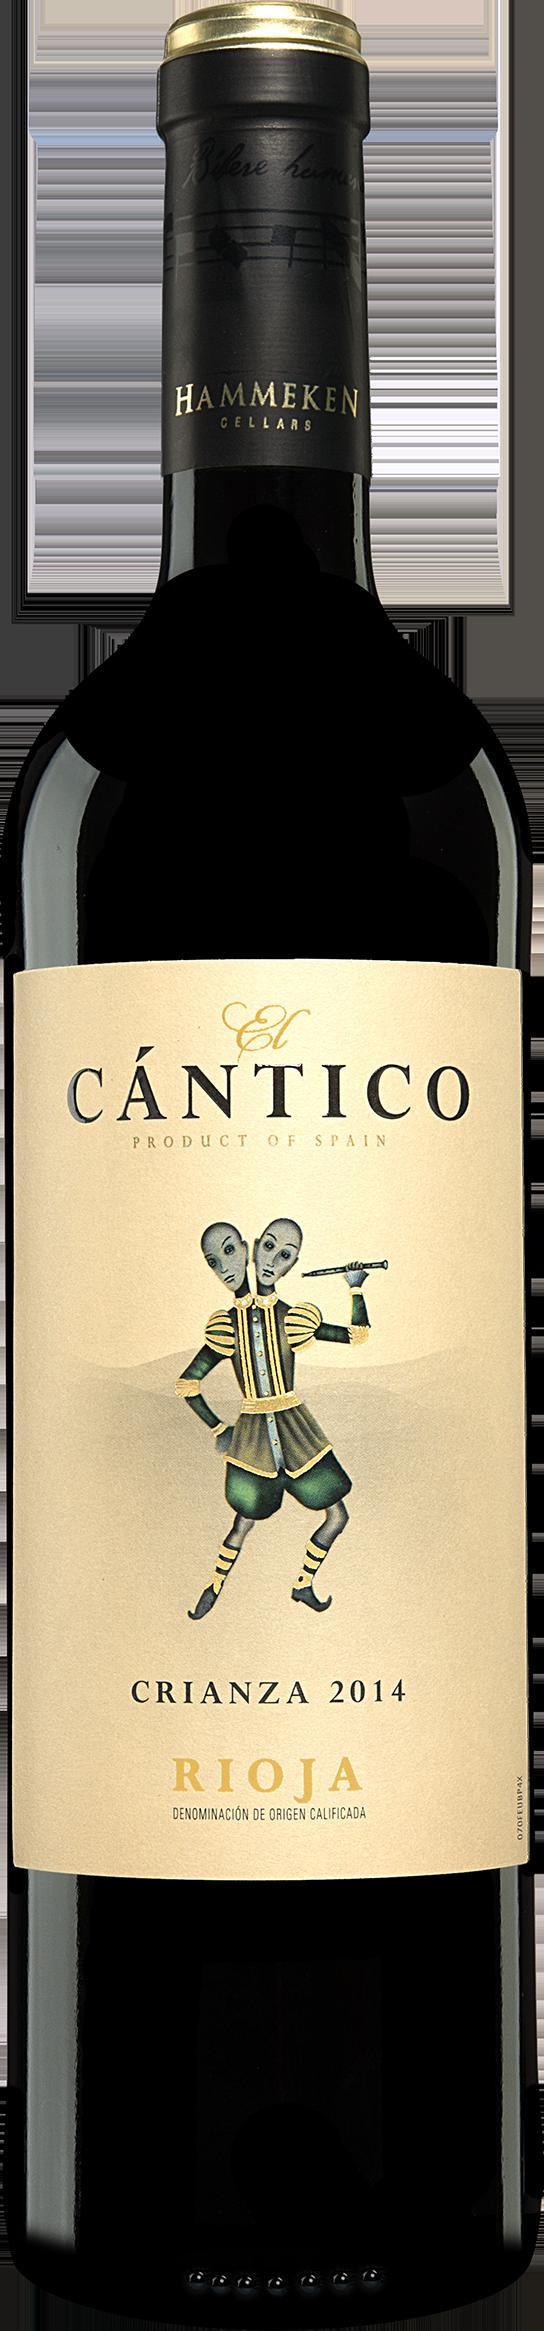 Tagesdeal: El Cántico Crianza 2015 nur 8,95 € statt 13,95 € (Gold-prämiert)